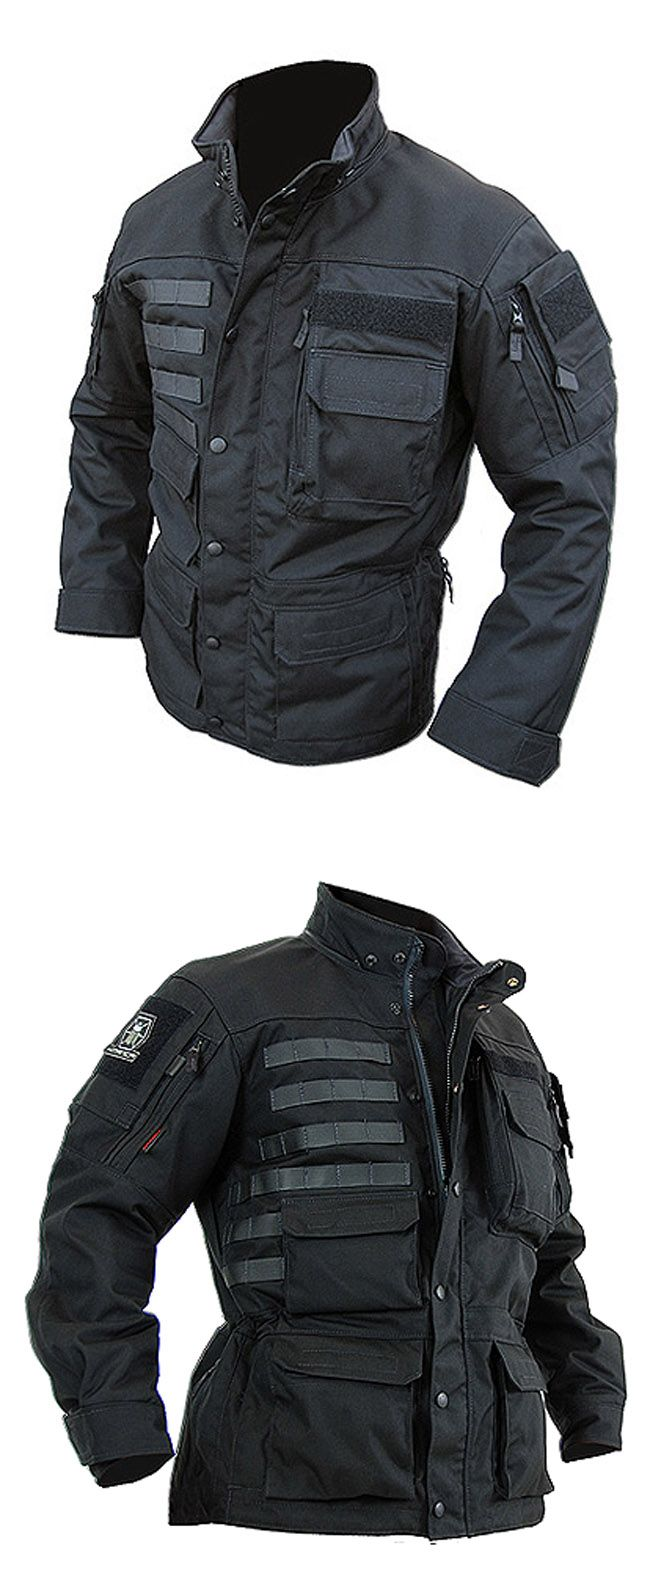 Kitanica Mark V Jacket